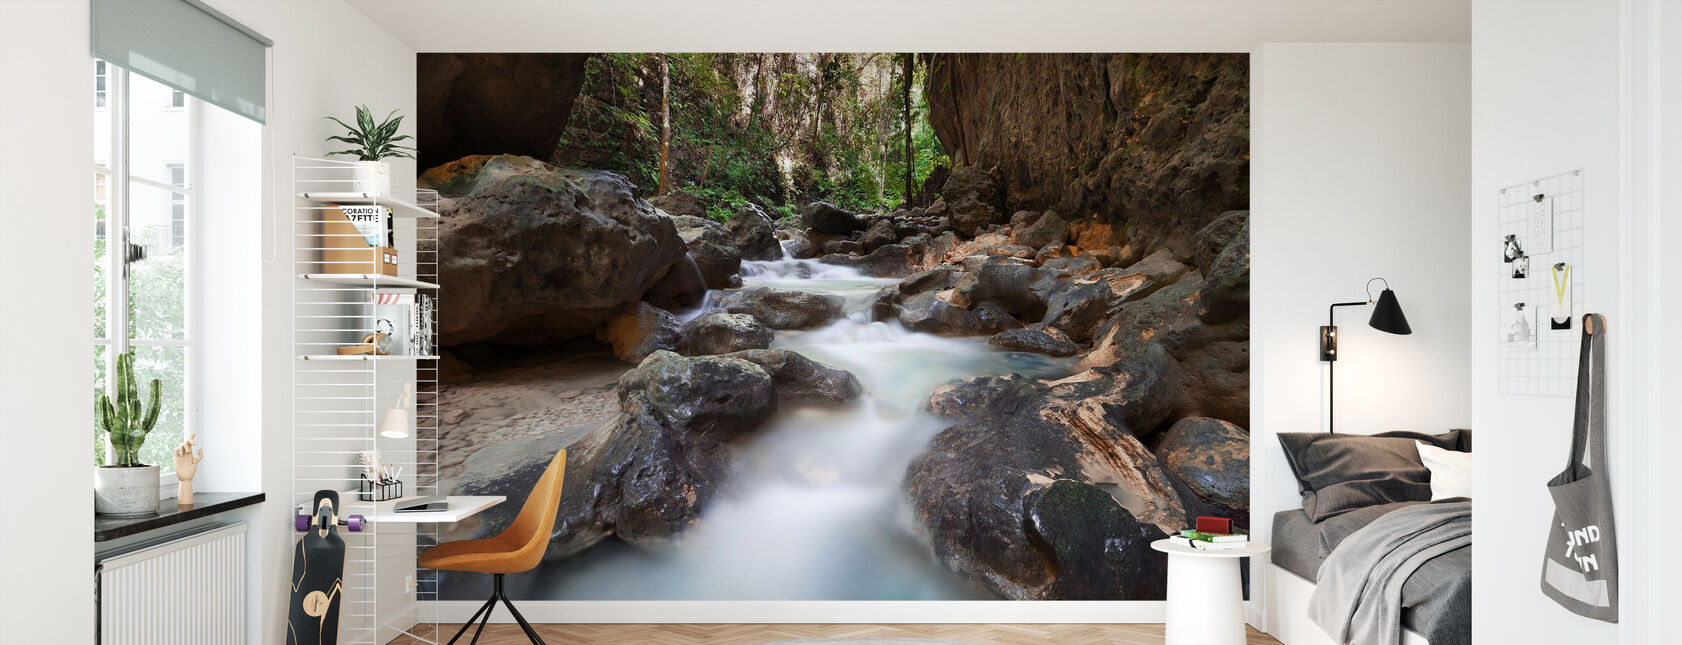 Canyon at Kawasan Falls II - Wallpaper - Kids Room